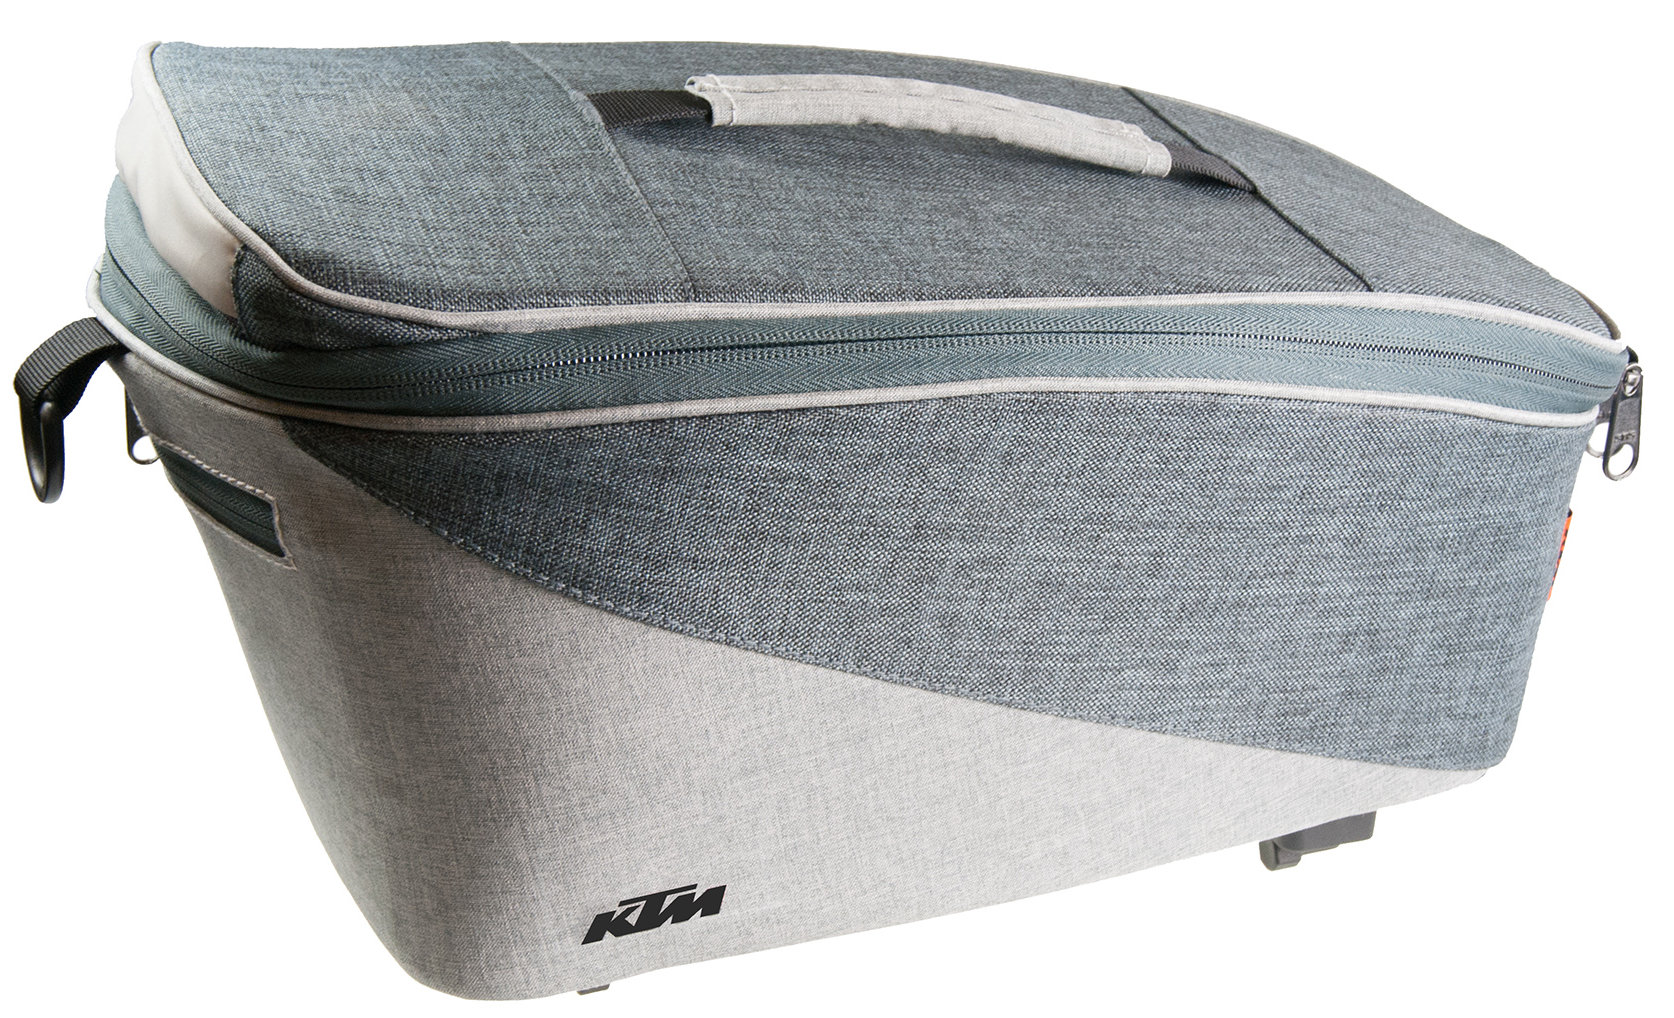 Stílusos gyorsrögzítős csomagtartó táska a KTM széles kínálatából...